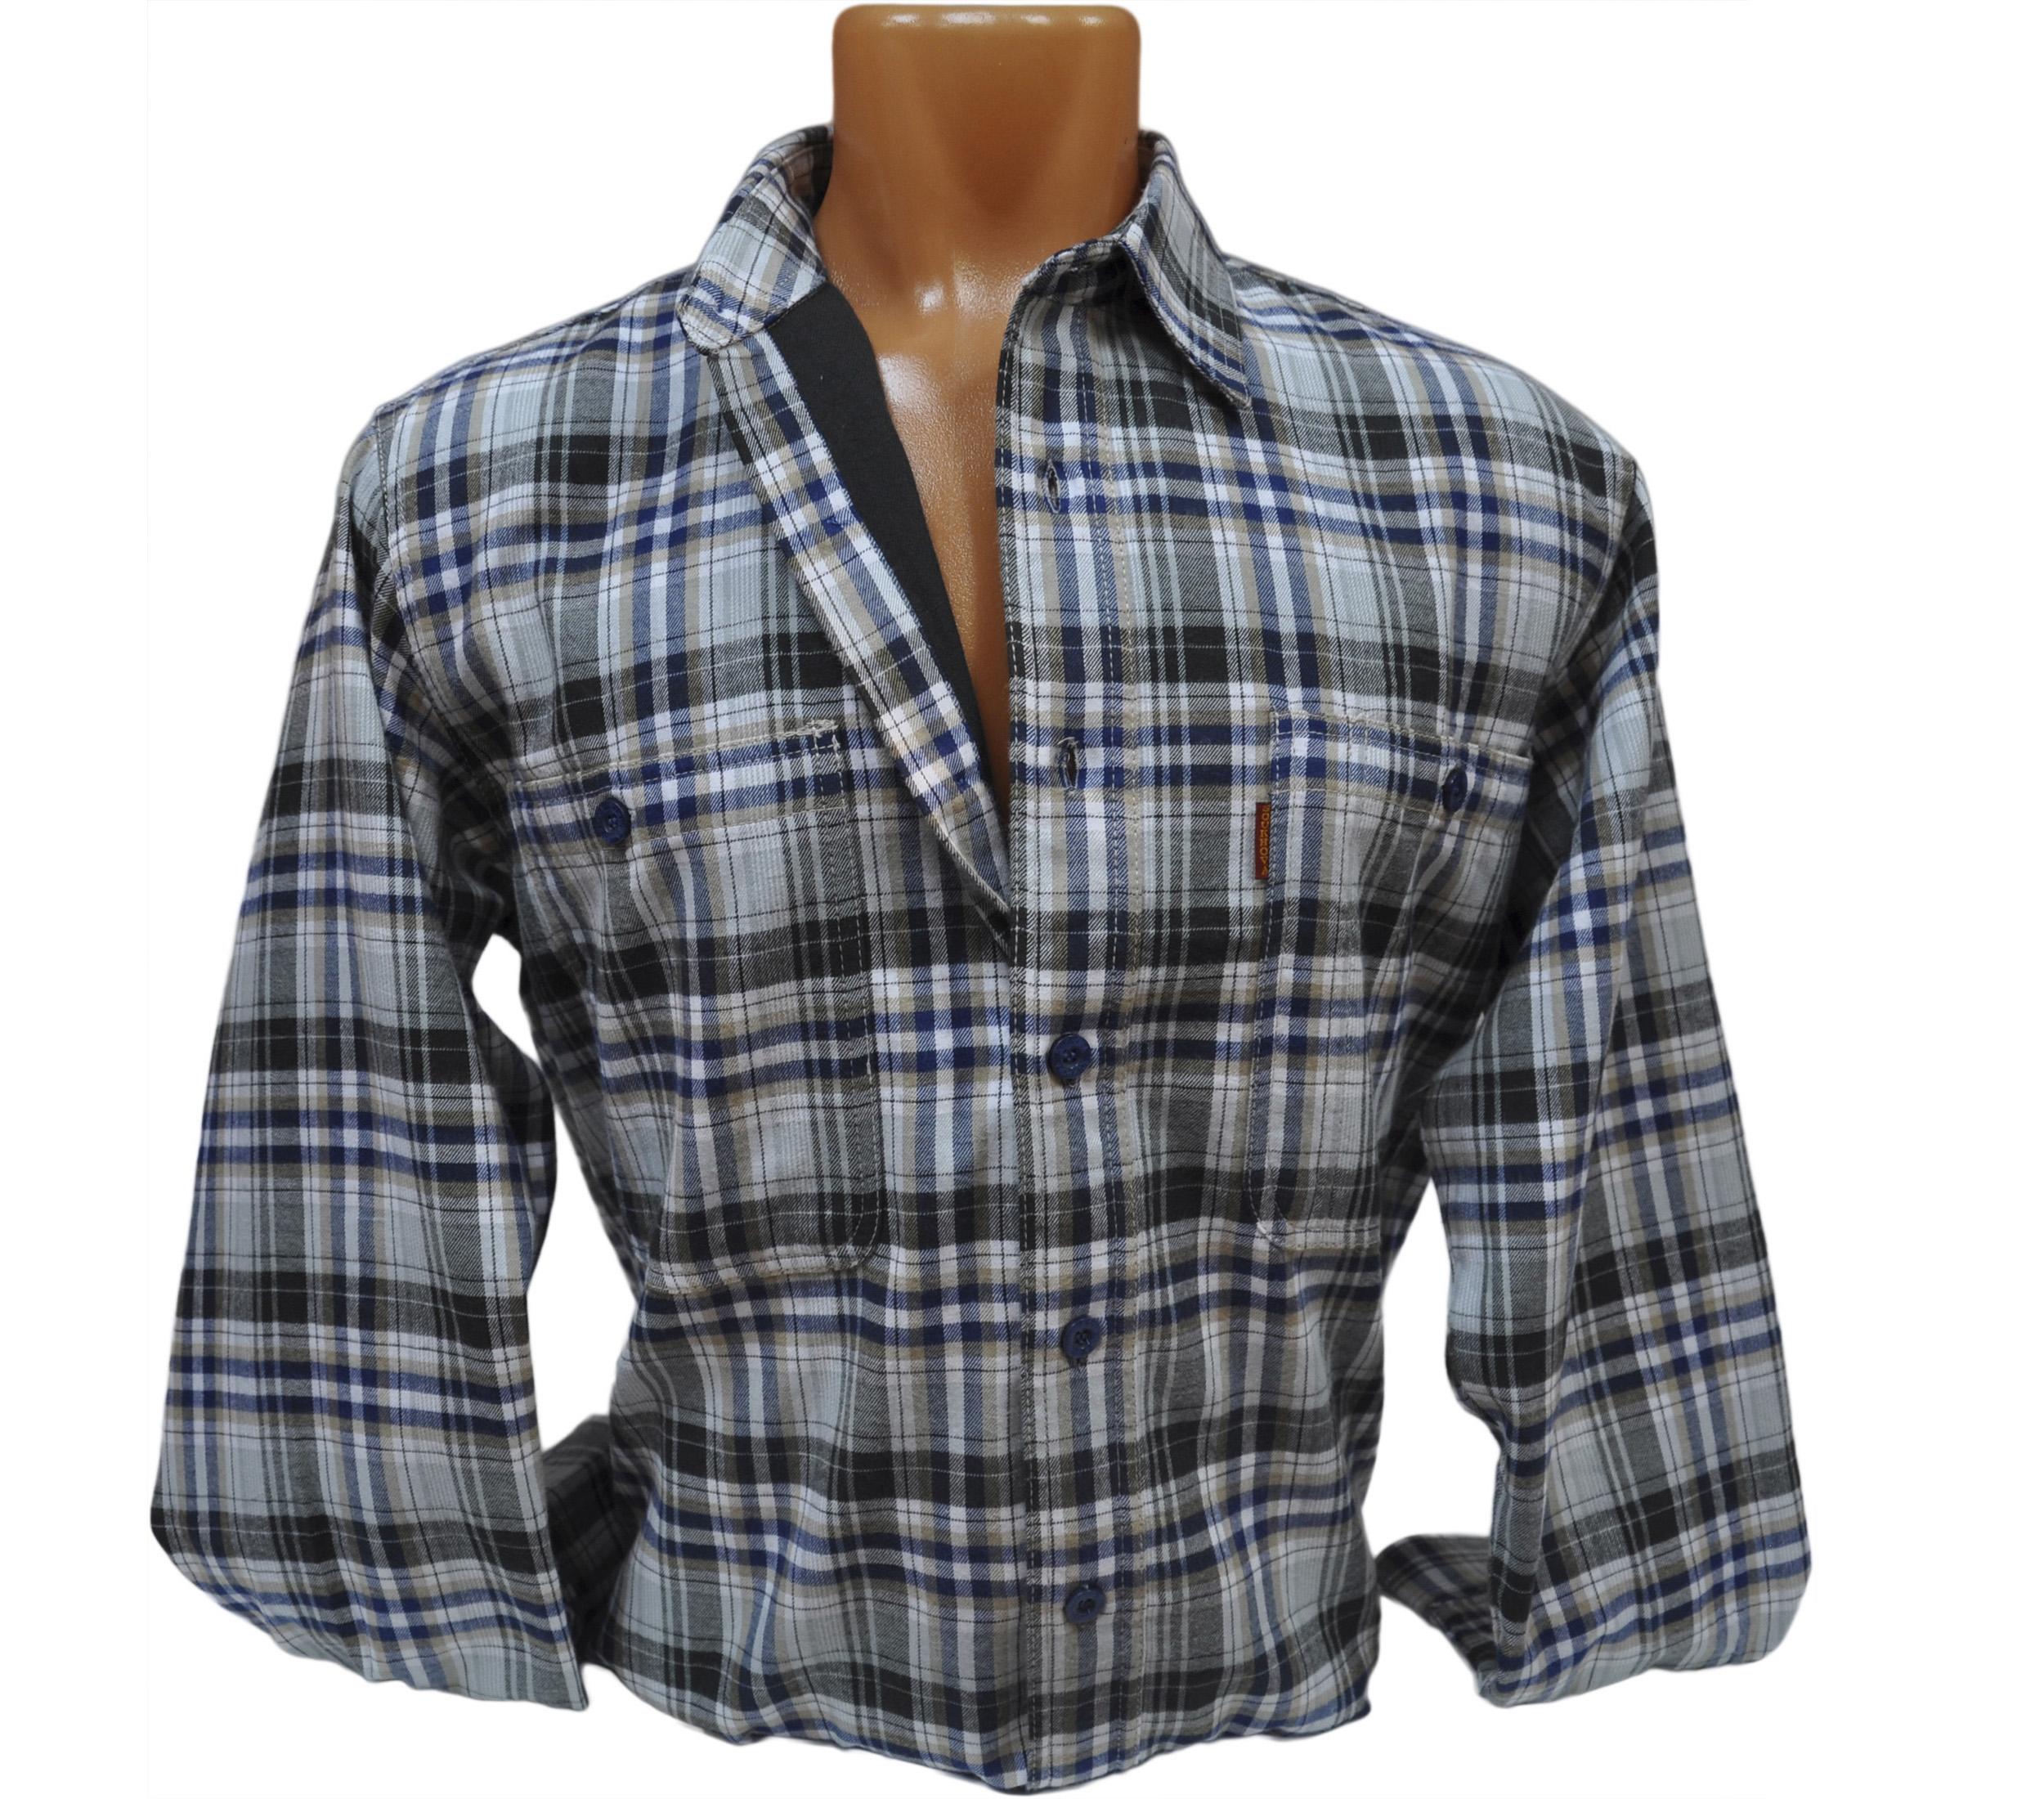 Мужская фланелевая рубашка в крупную серо-пепельную клетку. Модель W